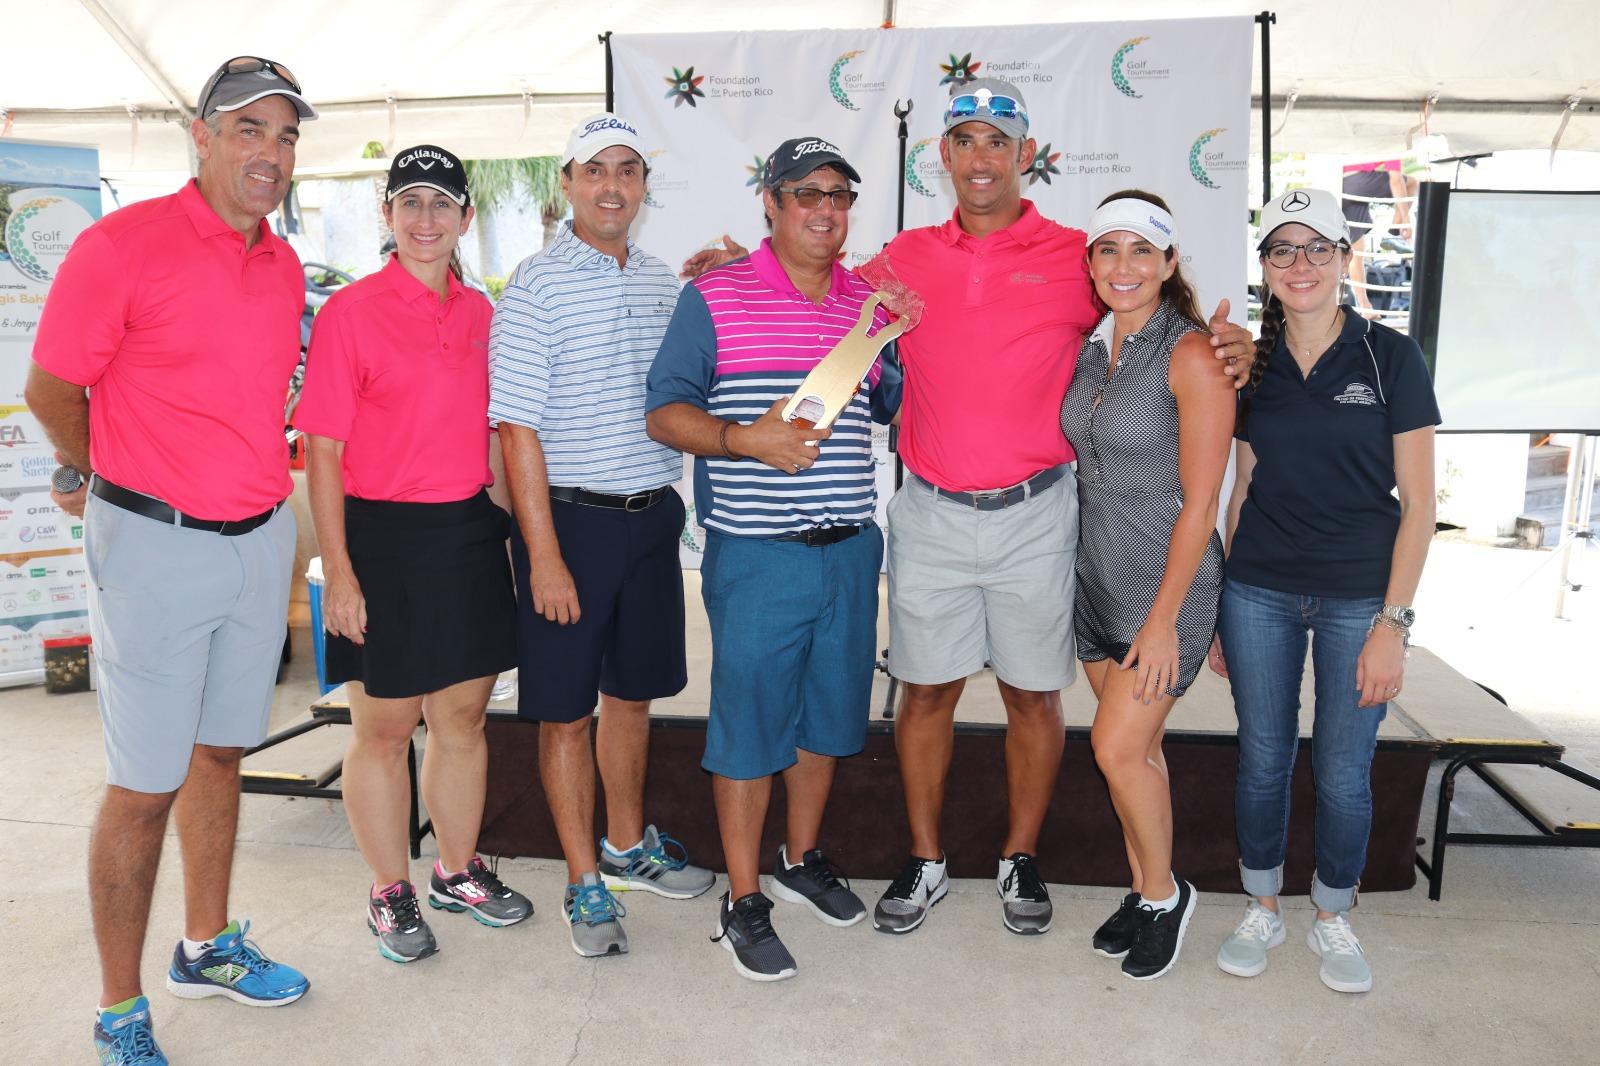 3rd Place - Miguel Santín & Jose Perez